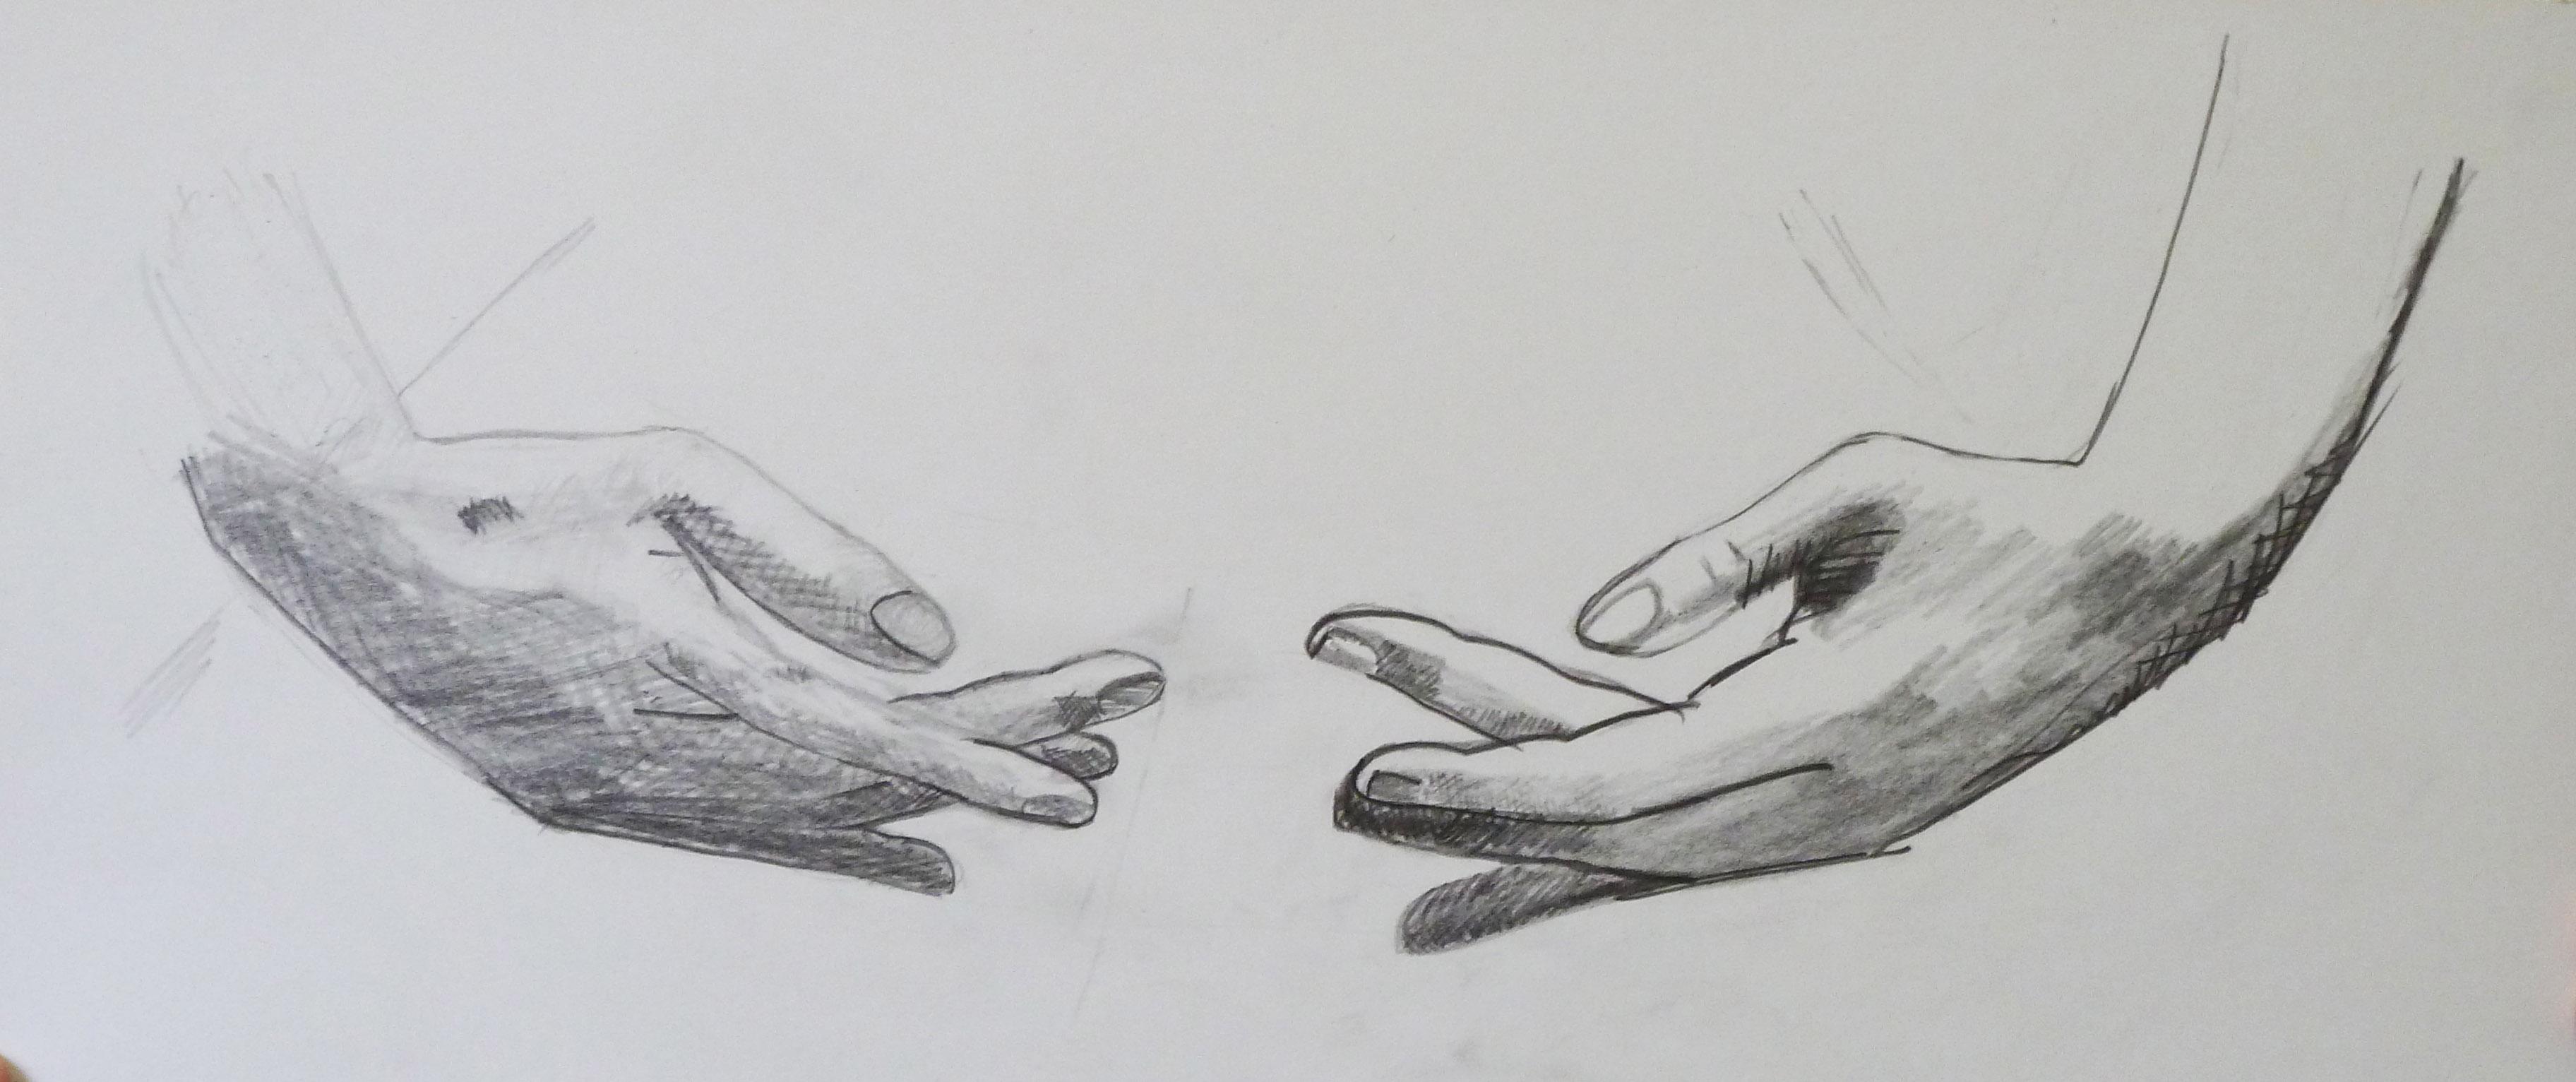 Cours de dessin adult Gond Pontouvre